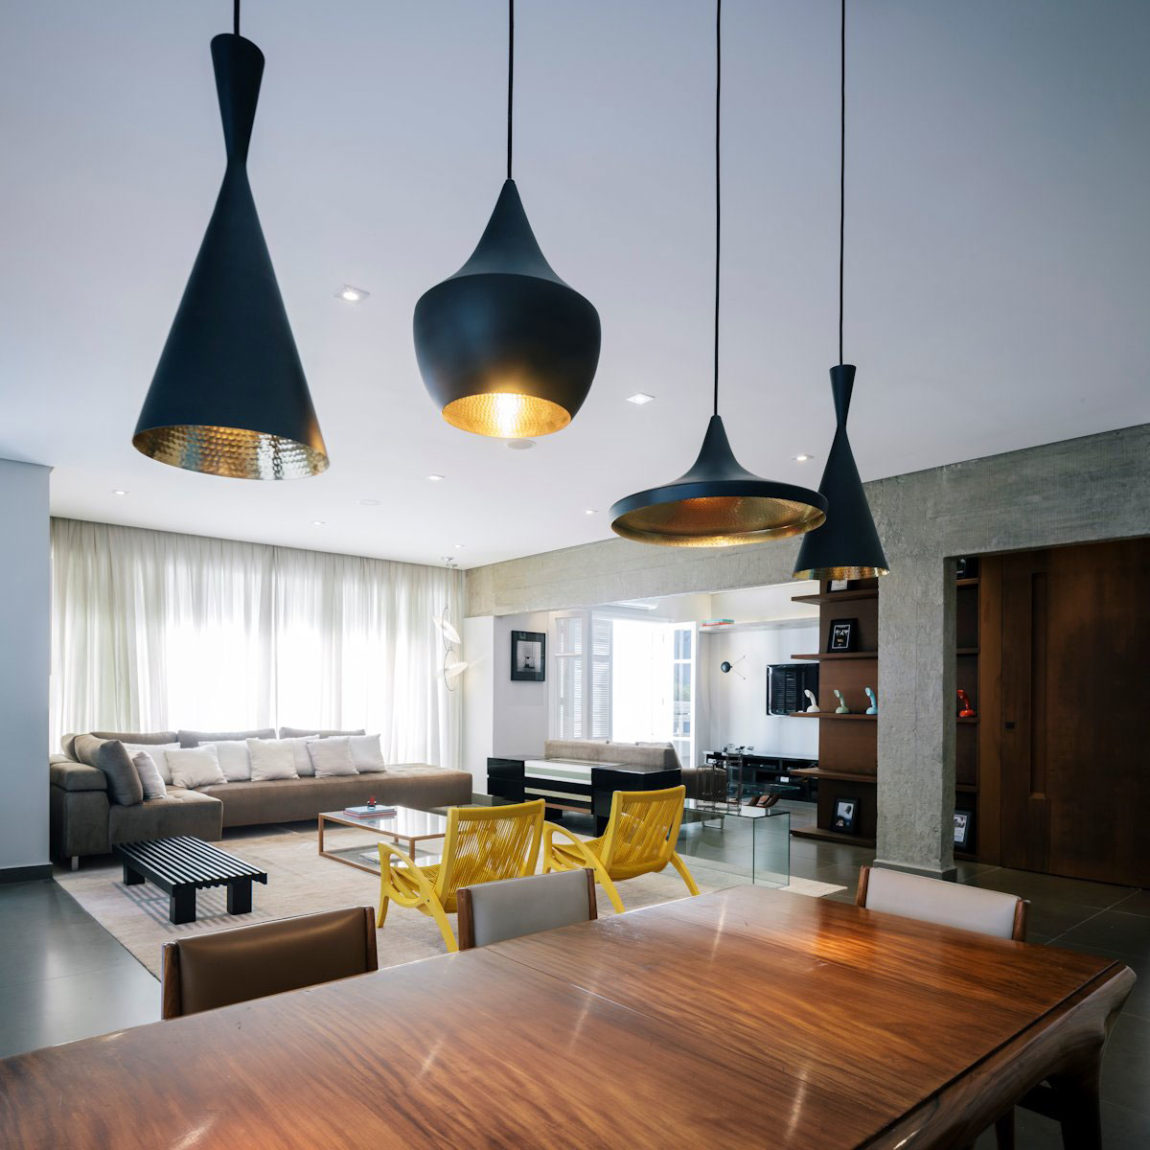 Maranhão Apartment by FC Studio (18)